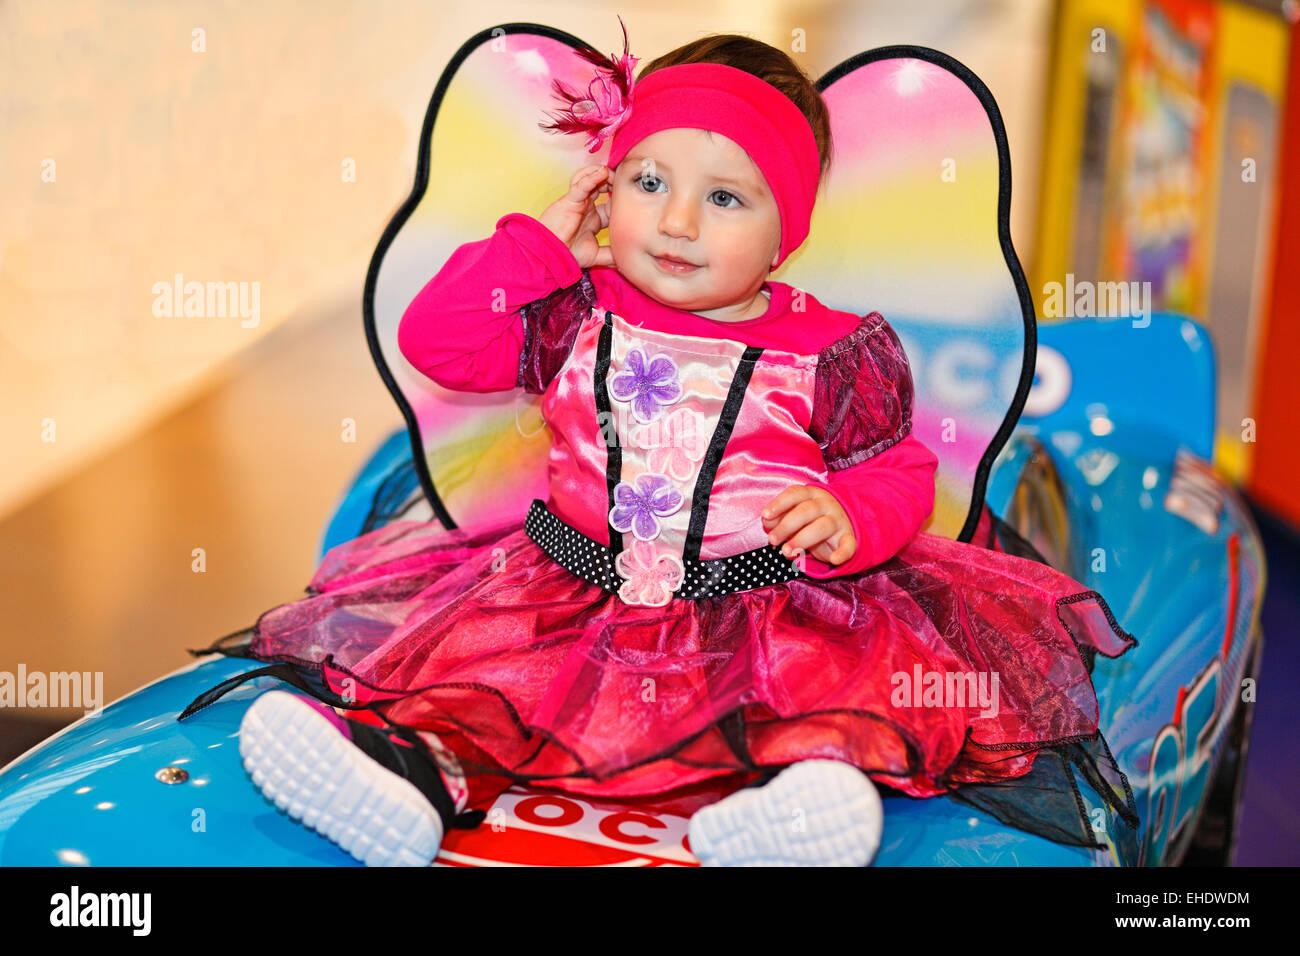 Una bonita niña en traje de hadas divirtiéndose Imagen De Stock